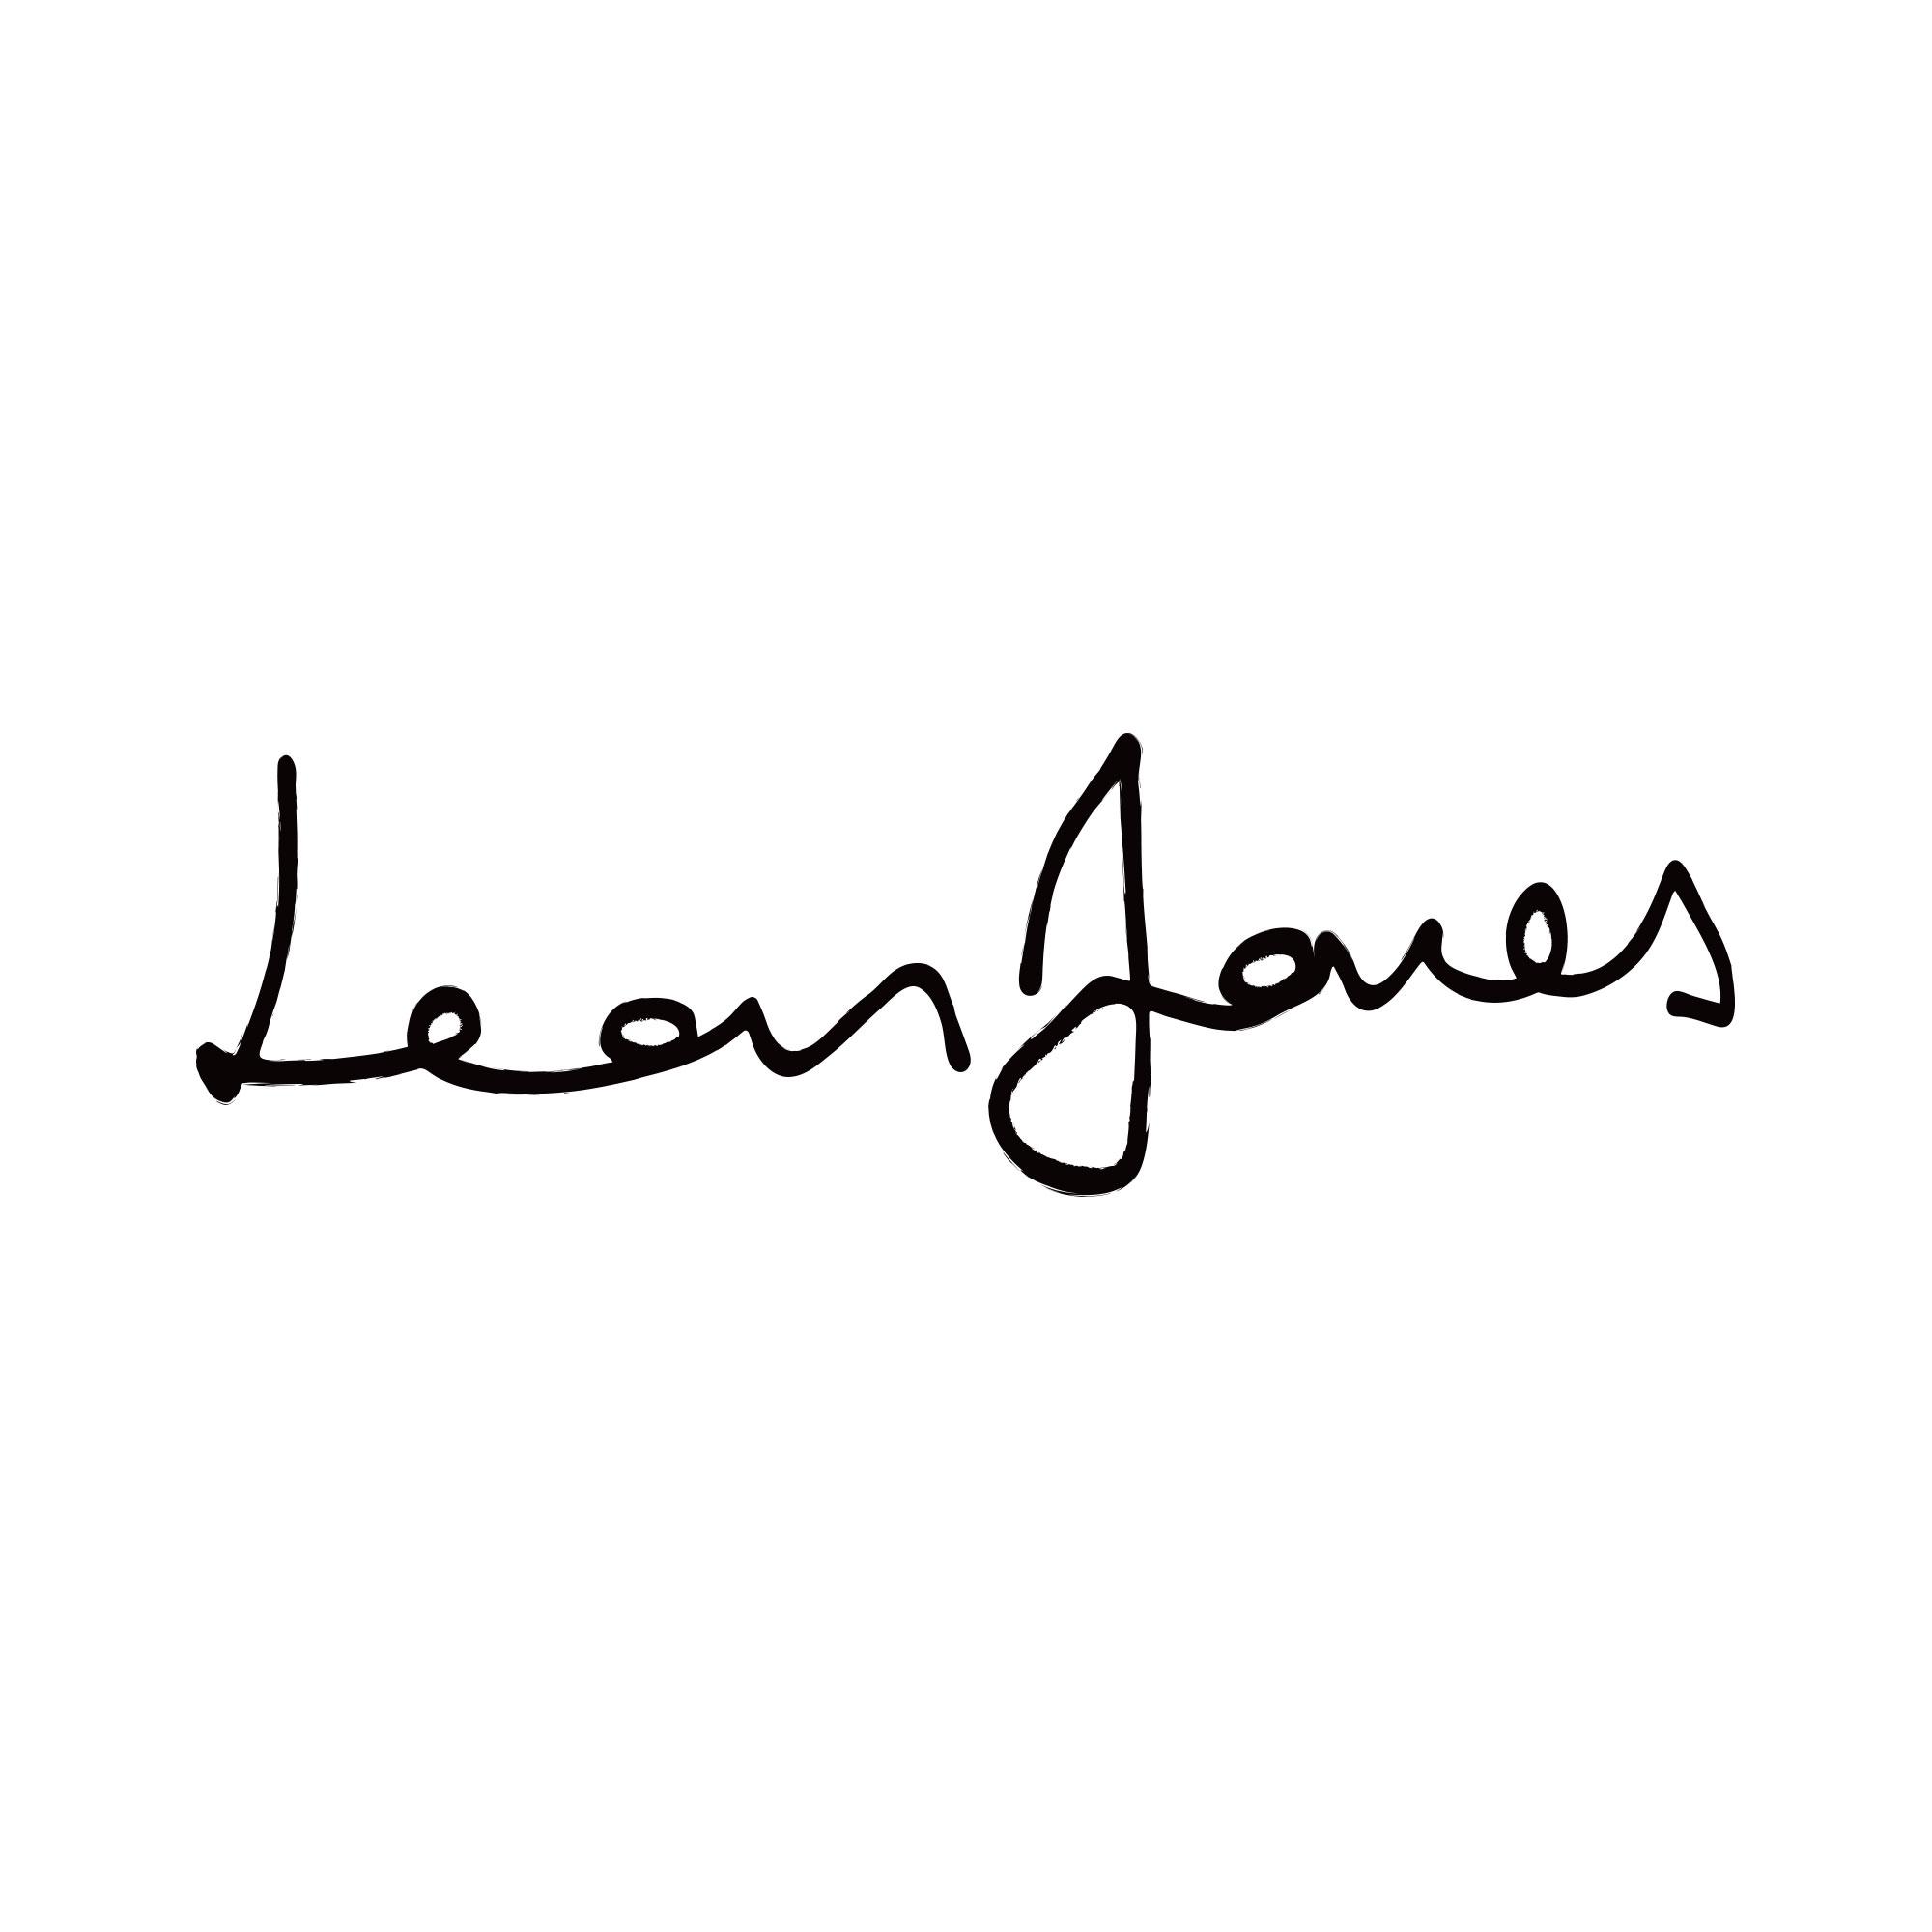 Leon Jones